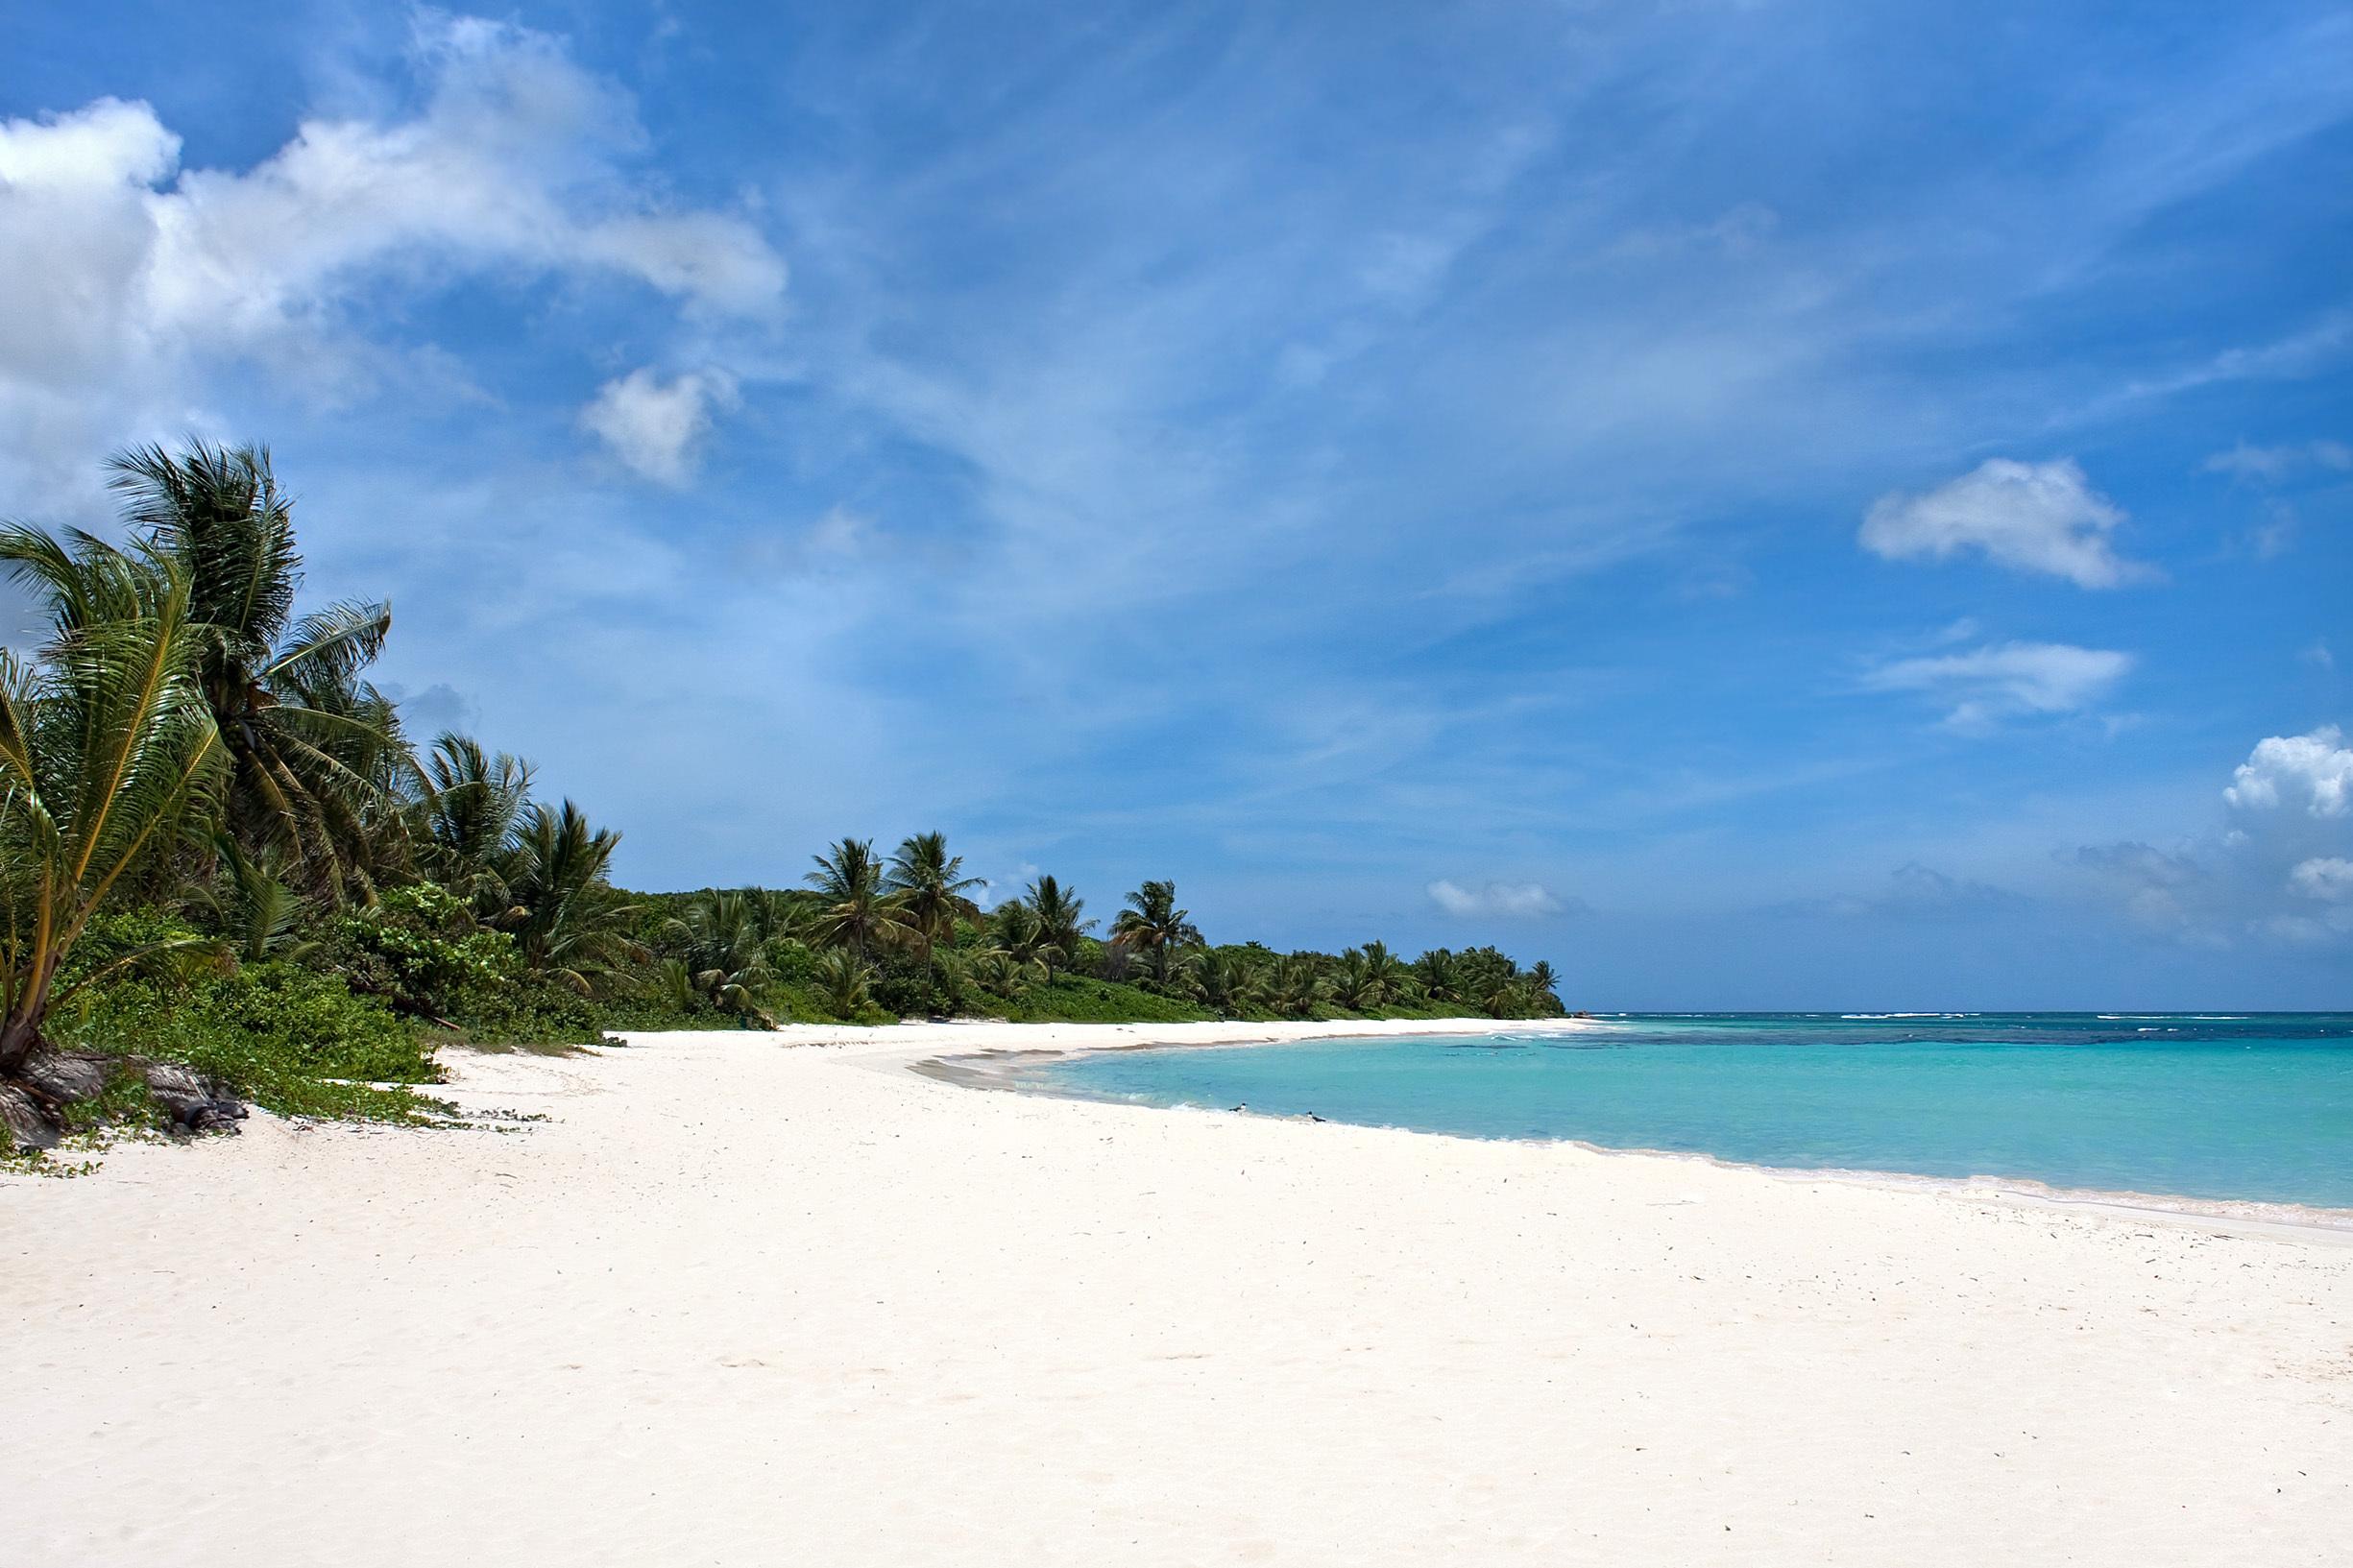 Flamenco es una playa en forma de media luna ubicada en la isla de Culebra, accesible en avión o ferry, lo que significa que su entorno aislado e inmaculado seguirá siendo naturalmente hermoso. Con una temperatura promedio de 29° C y una temperatura del agua de 27.5° C, los 1.6 km de costa de Flamenco atraen a los viajeros que buscan el día perfecto en la playa